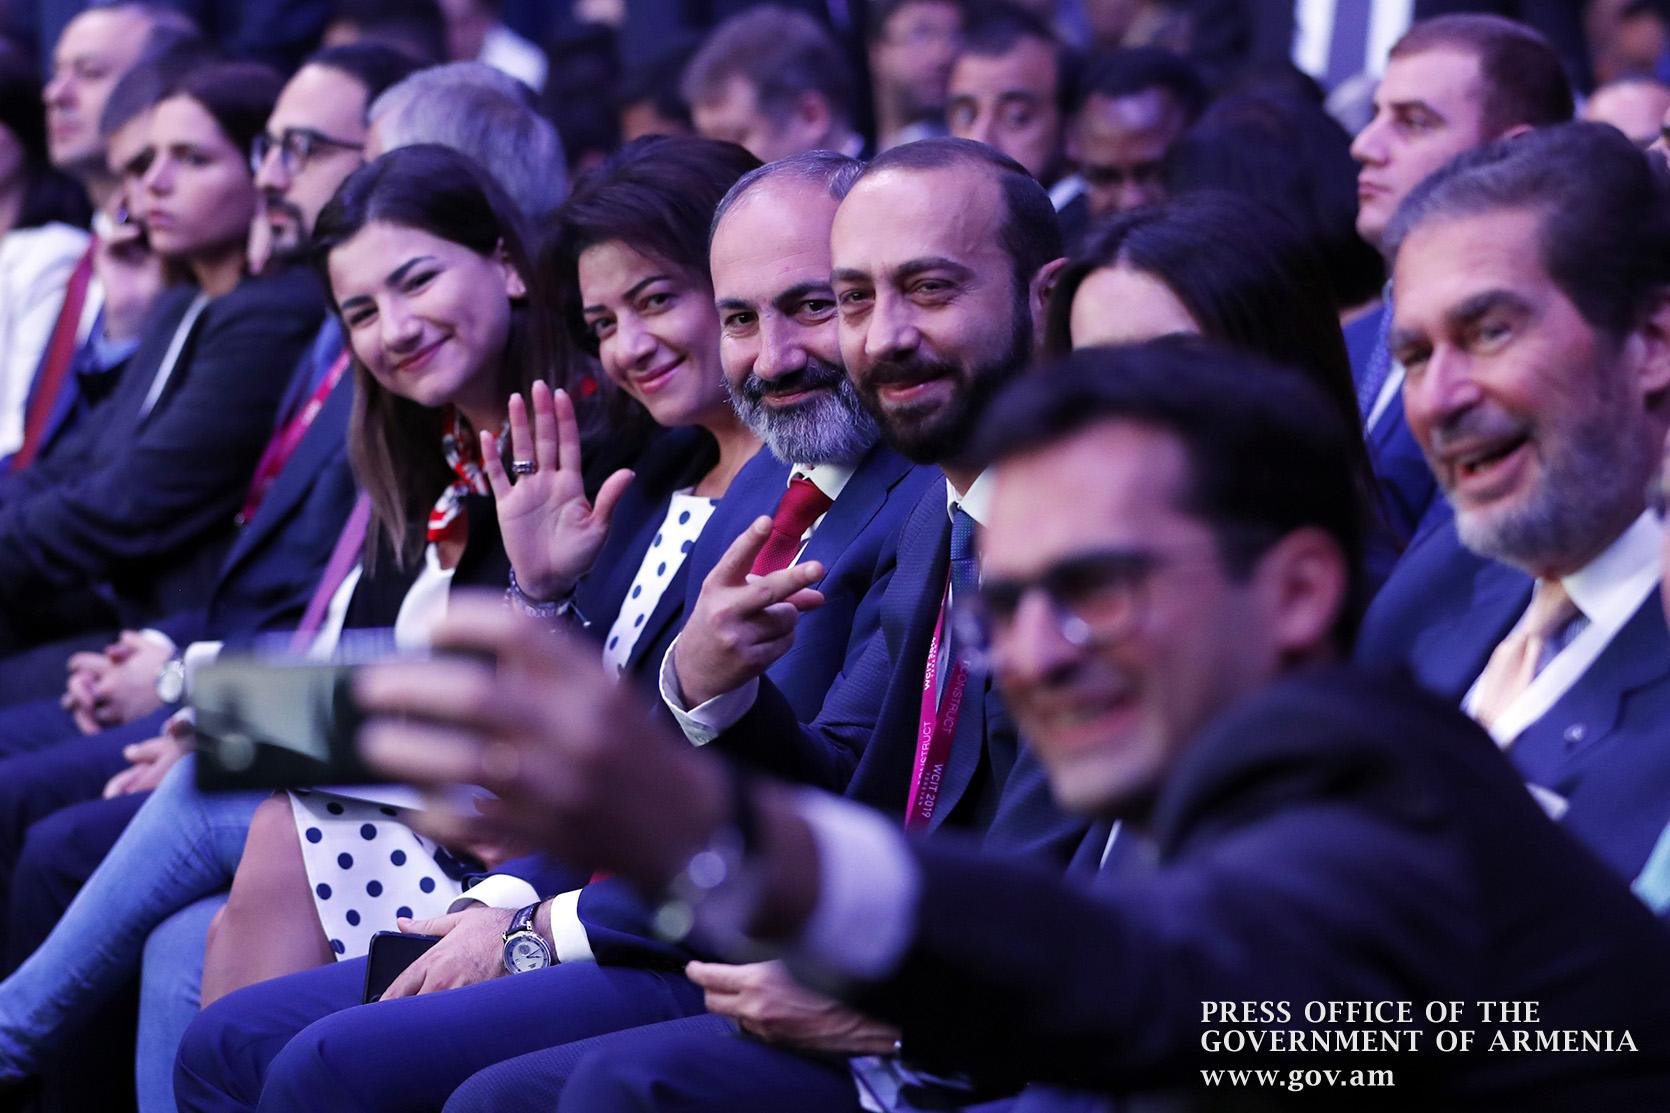 ՏՏ համաժողով. ինչու՞ Հայաստանում ներկայացված չեն Facebook-ի կամ՝ Youtube-ի ներկայացուցիչները. «Ժողովուրդ»